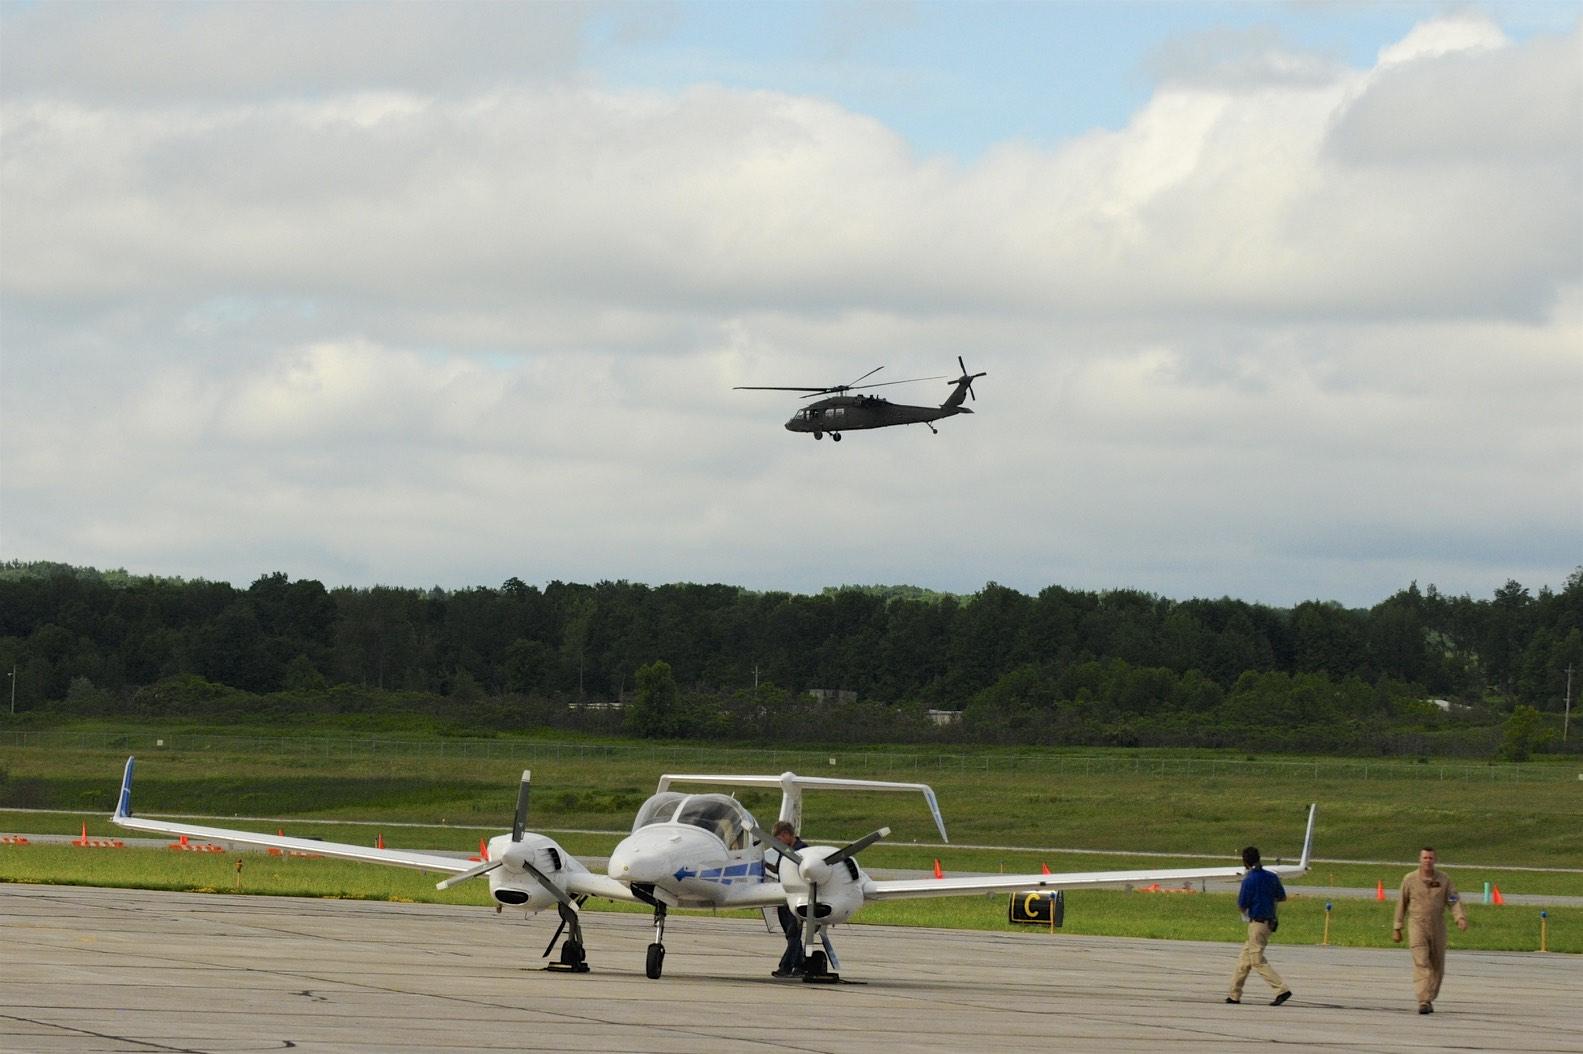 Aurora Centaur & Helicopter